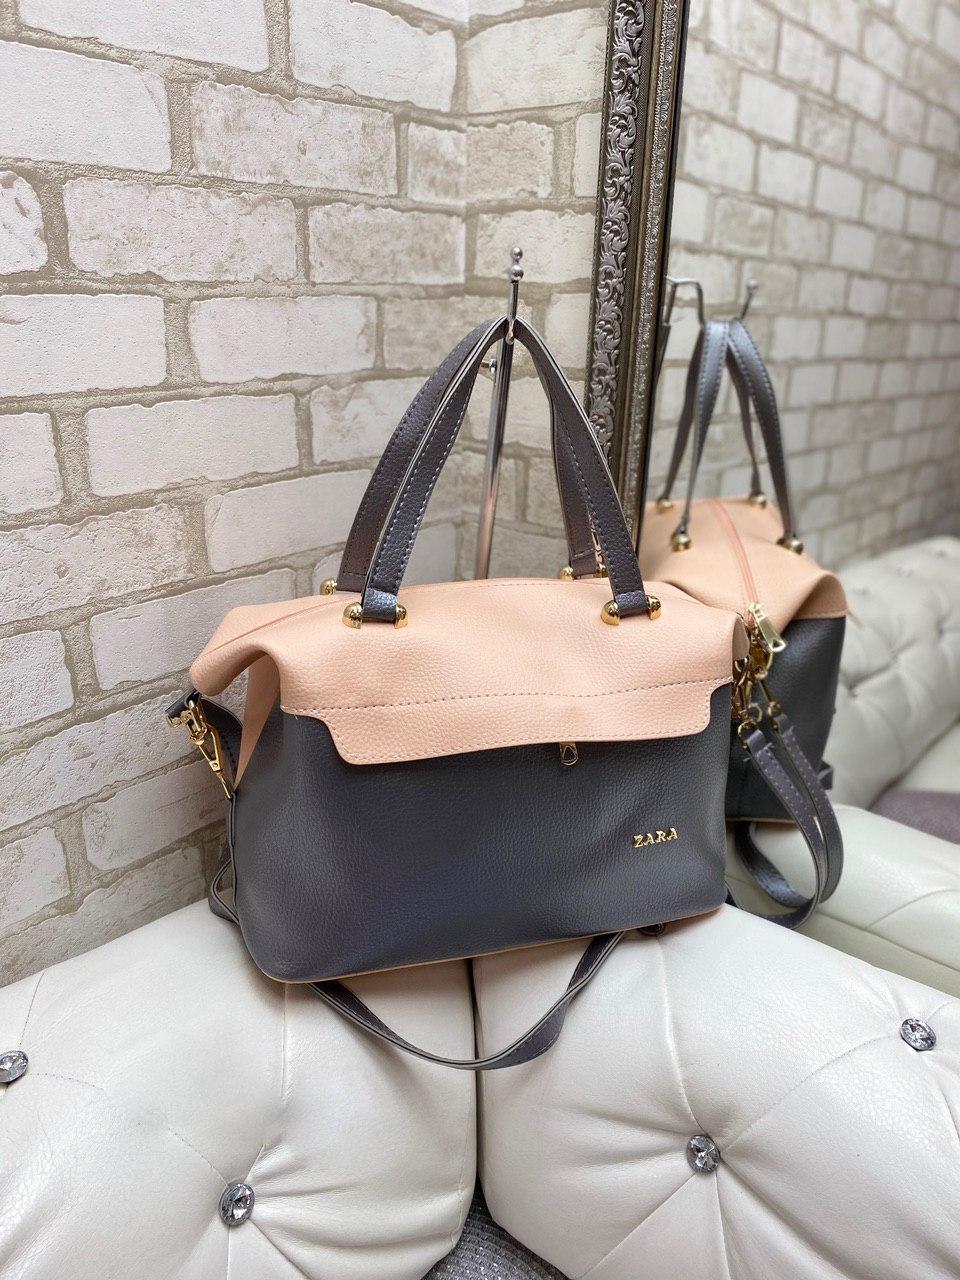 Большая женская сумка на плечо пудра графит модная городская саквояж шоппер брендовая кожзам